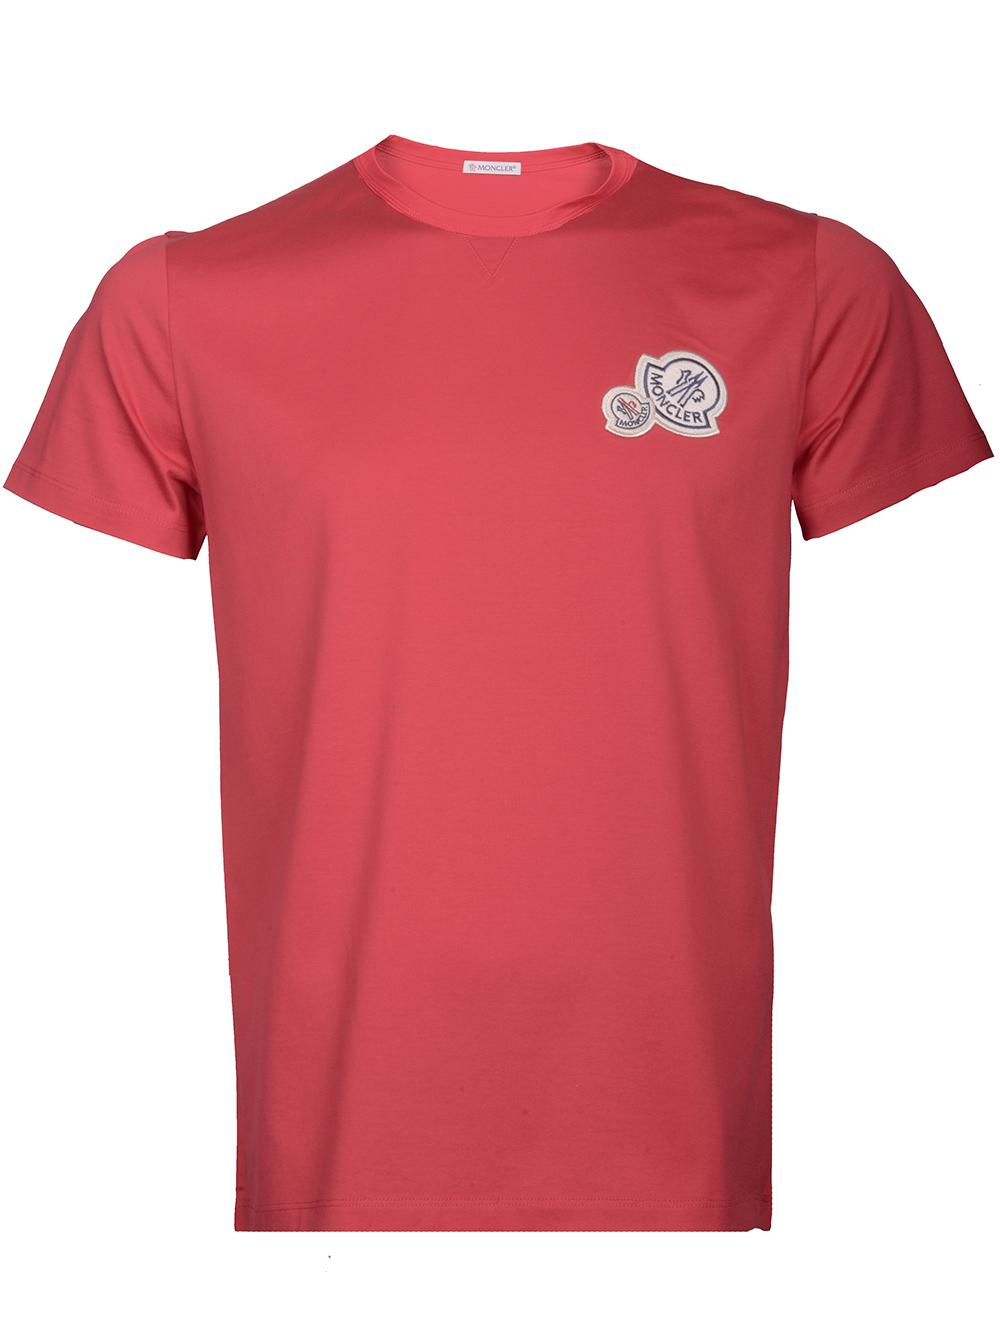 e1c7e79edc04d4 Daftar Harga T Shirts Polo Ralph 5seoaj T Shirt Marini 232 Re ...